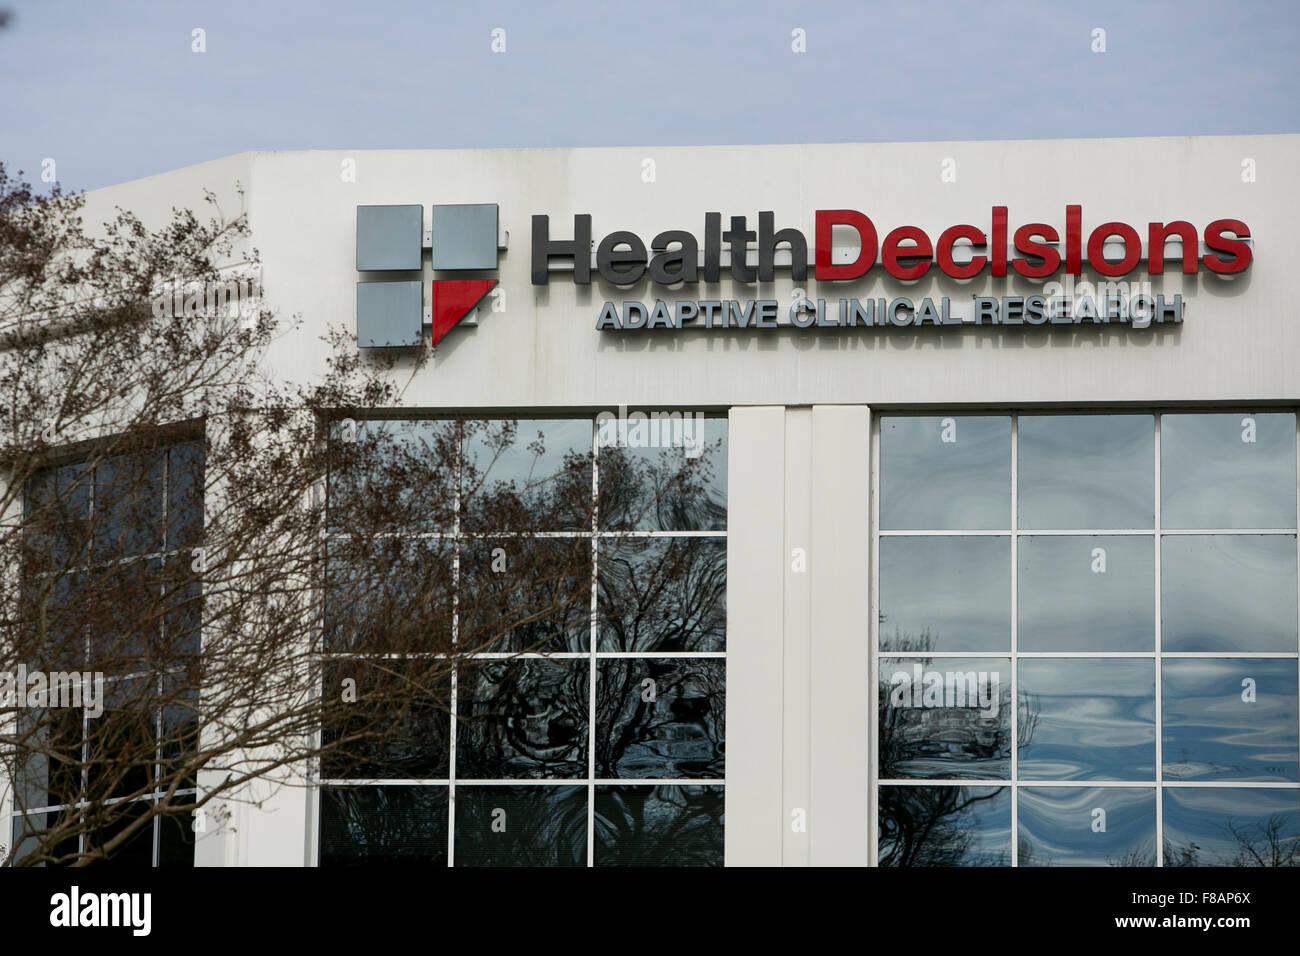 Un segno del logo al di fuori di una struttura occupata dalle decisioni di salute Inc., in Durham, North Carolina Foto Stock